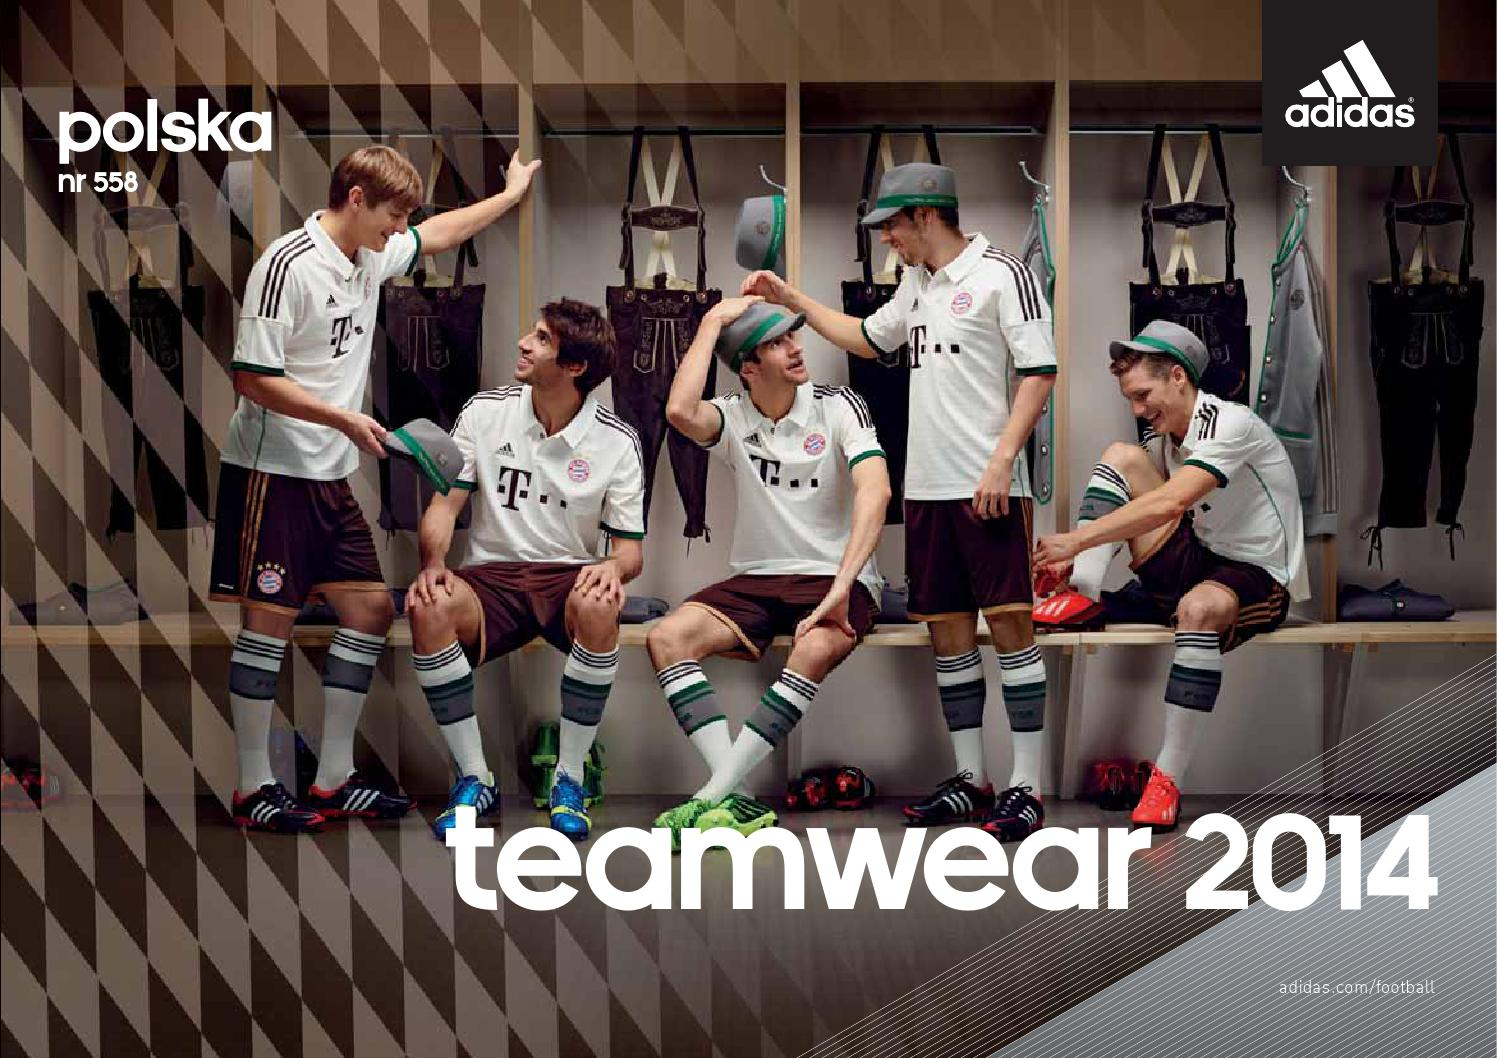 50% zniżki nowy styl 100% autentyczny Football teamwear pl final 2014 by Maciek Gacek - issuu